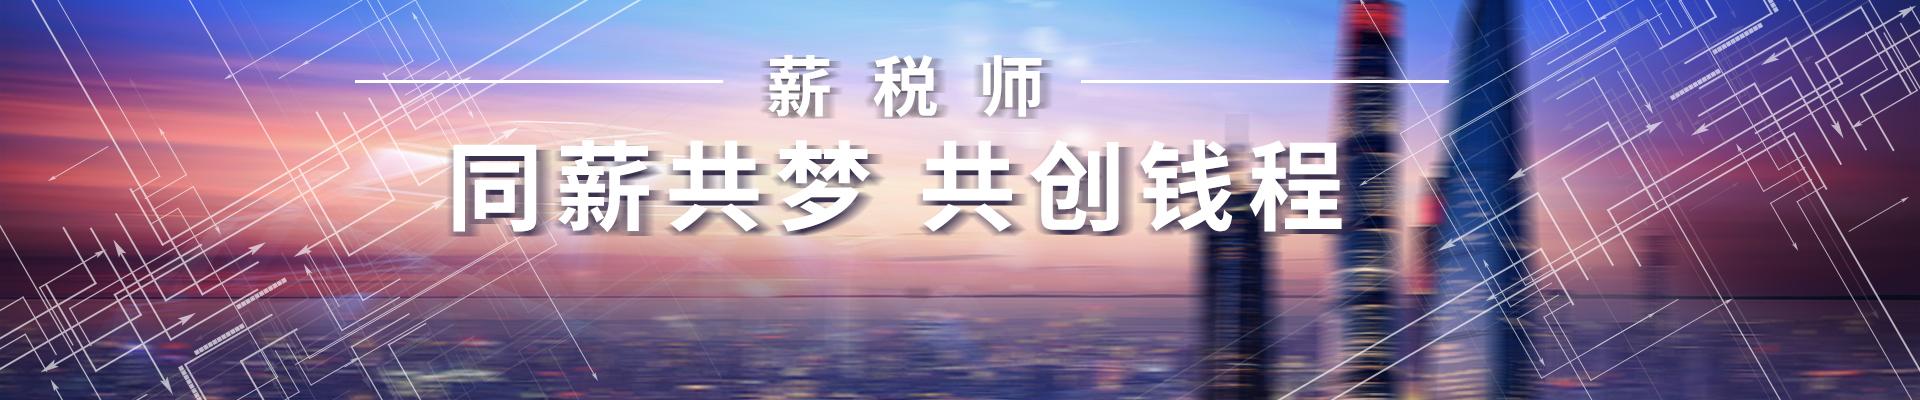 深圳高顿教育校区